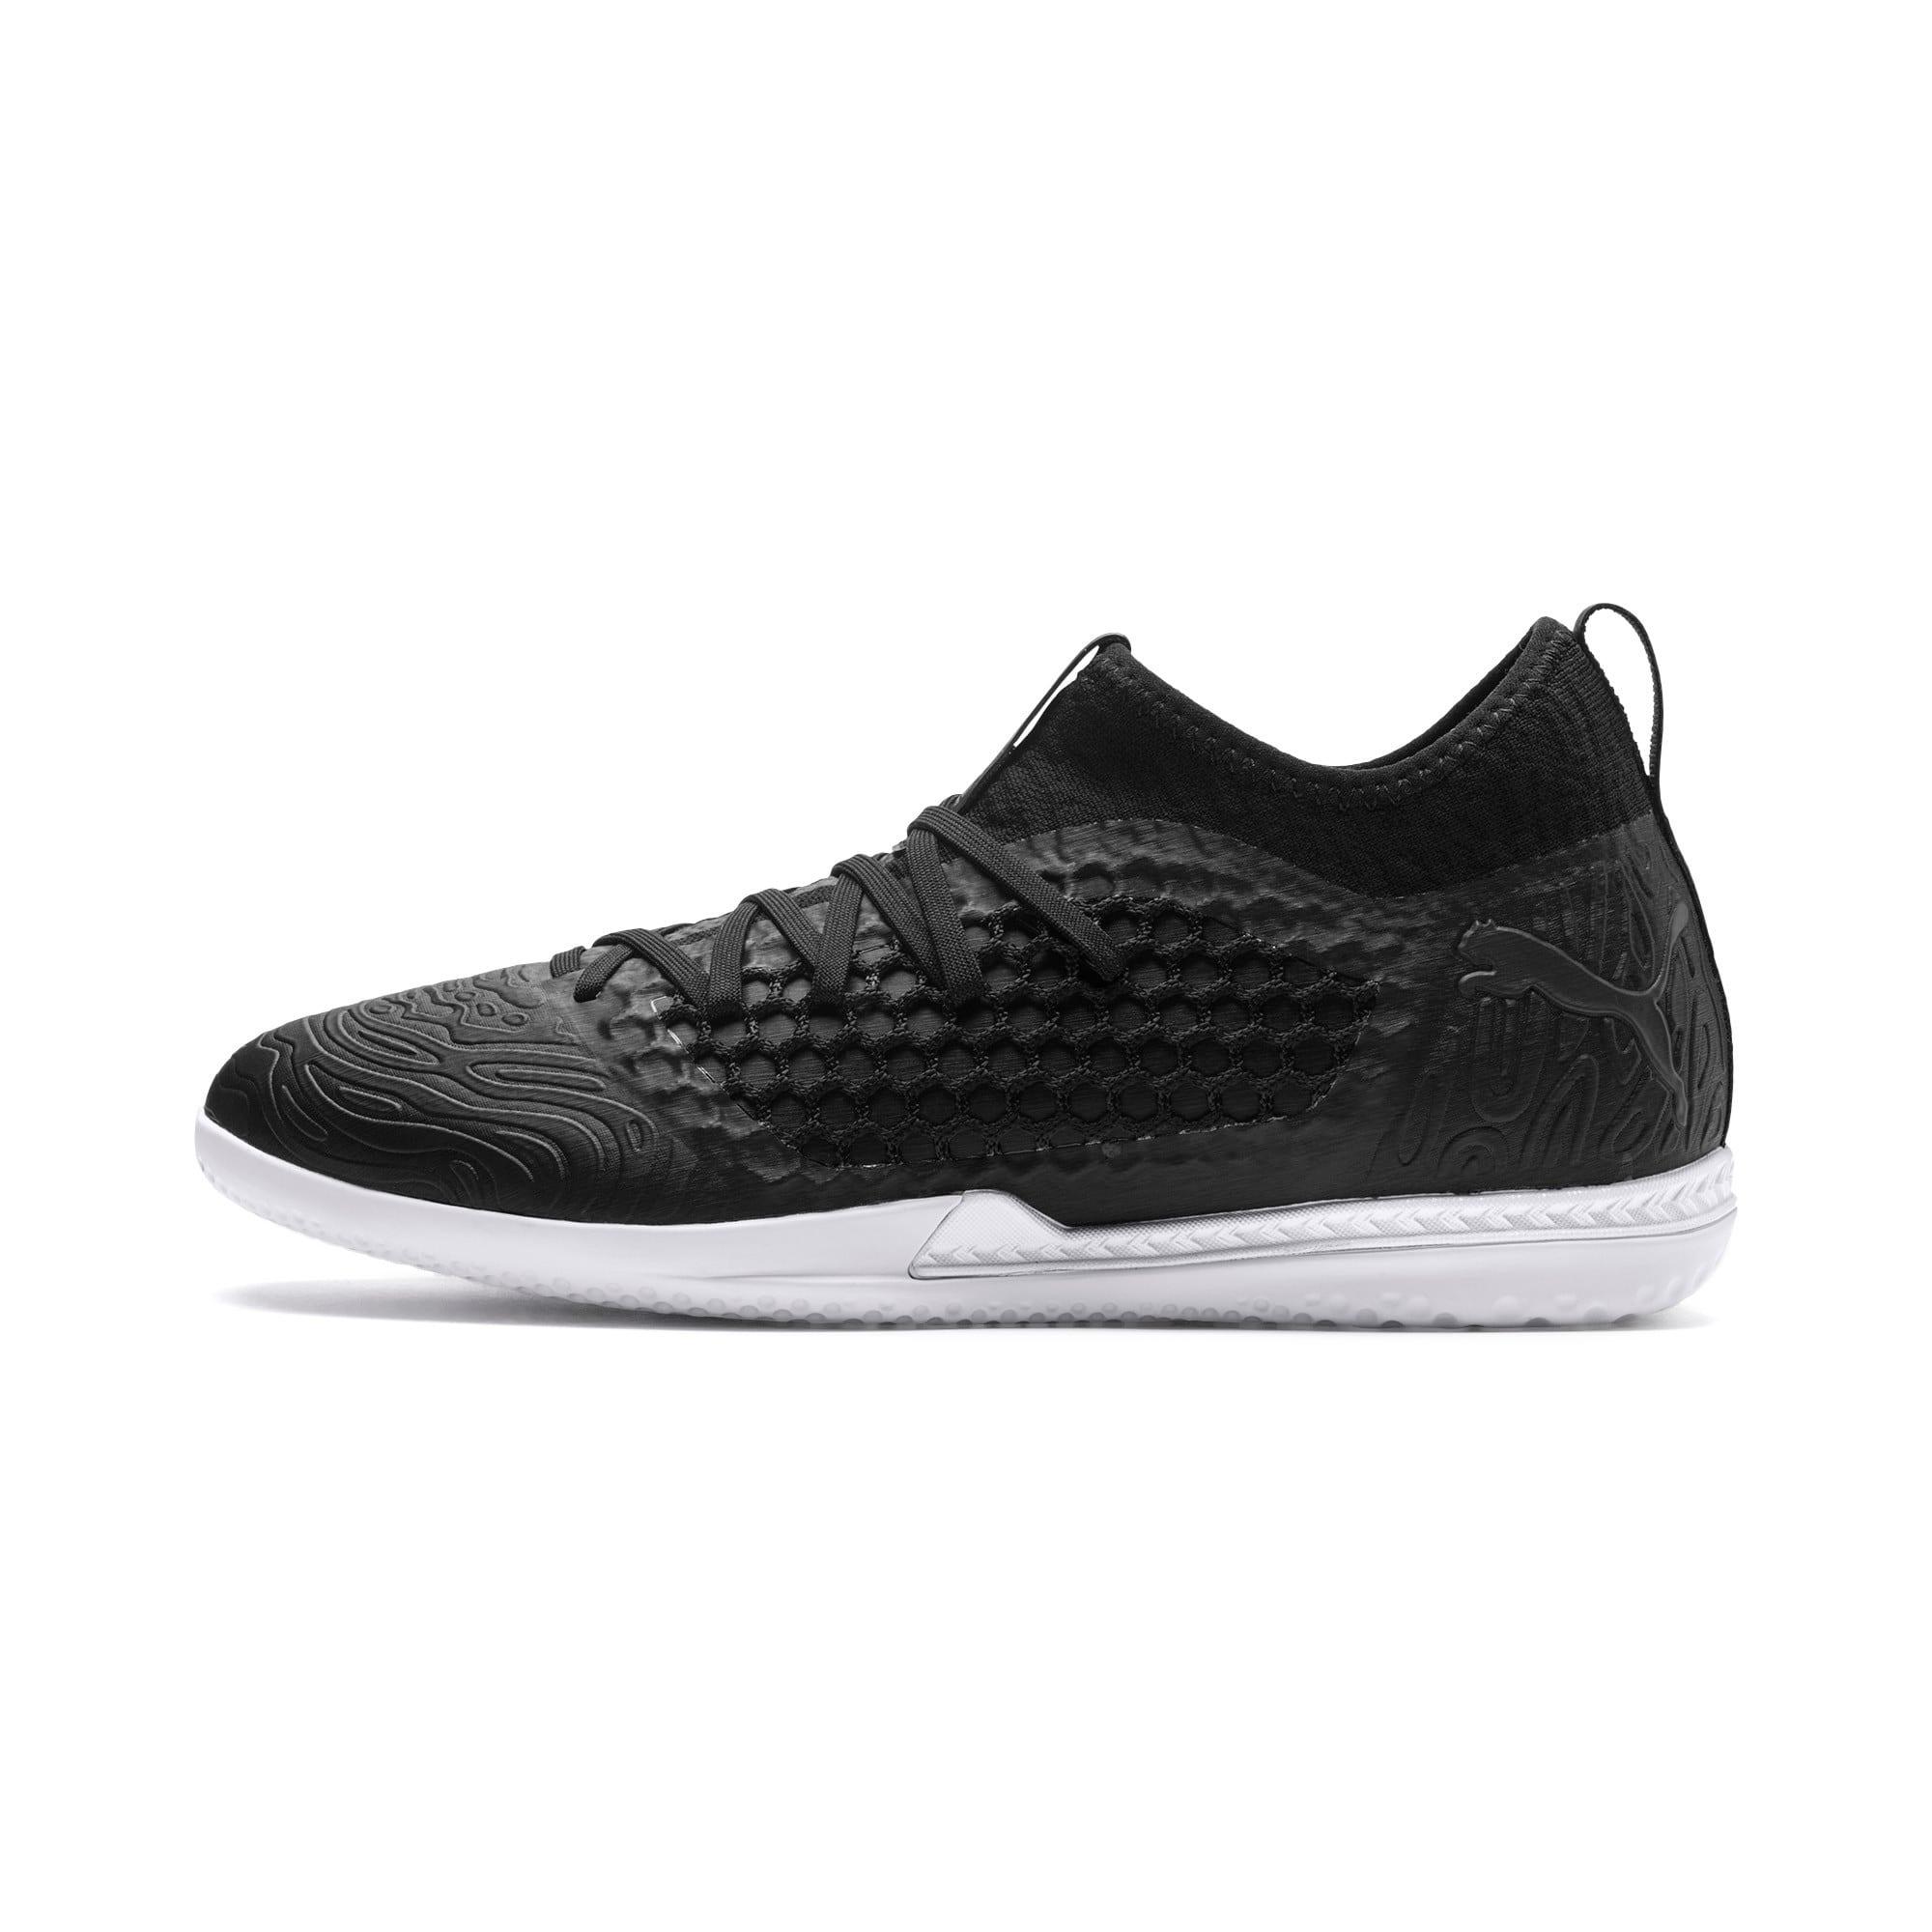 Thumbnail 1 of FUTURE 19.3 NETFIT IT Men's Soccer Shoes, Puma Black-Puma Black-White, medium